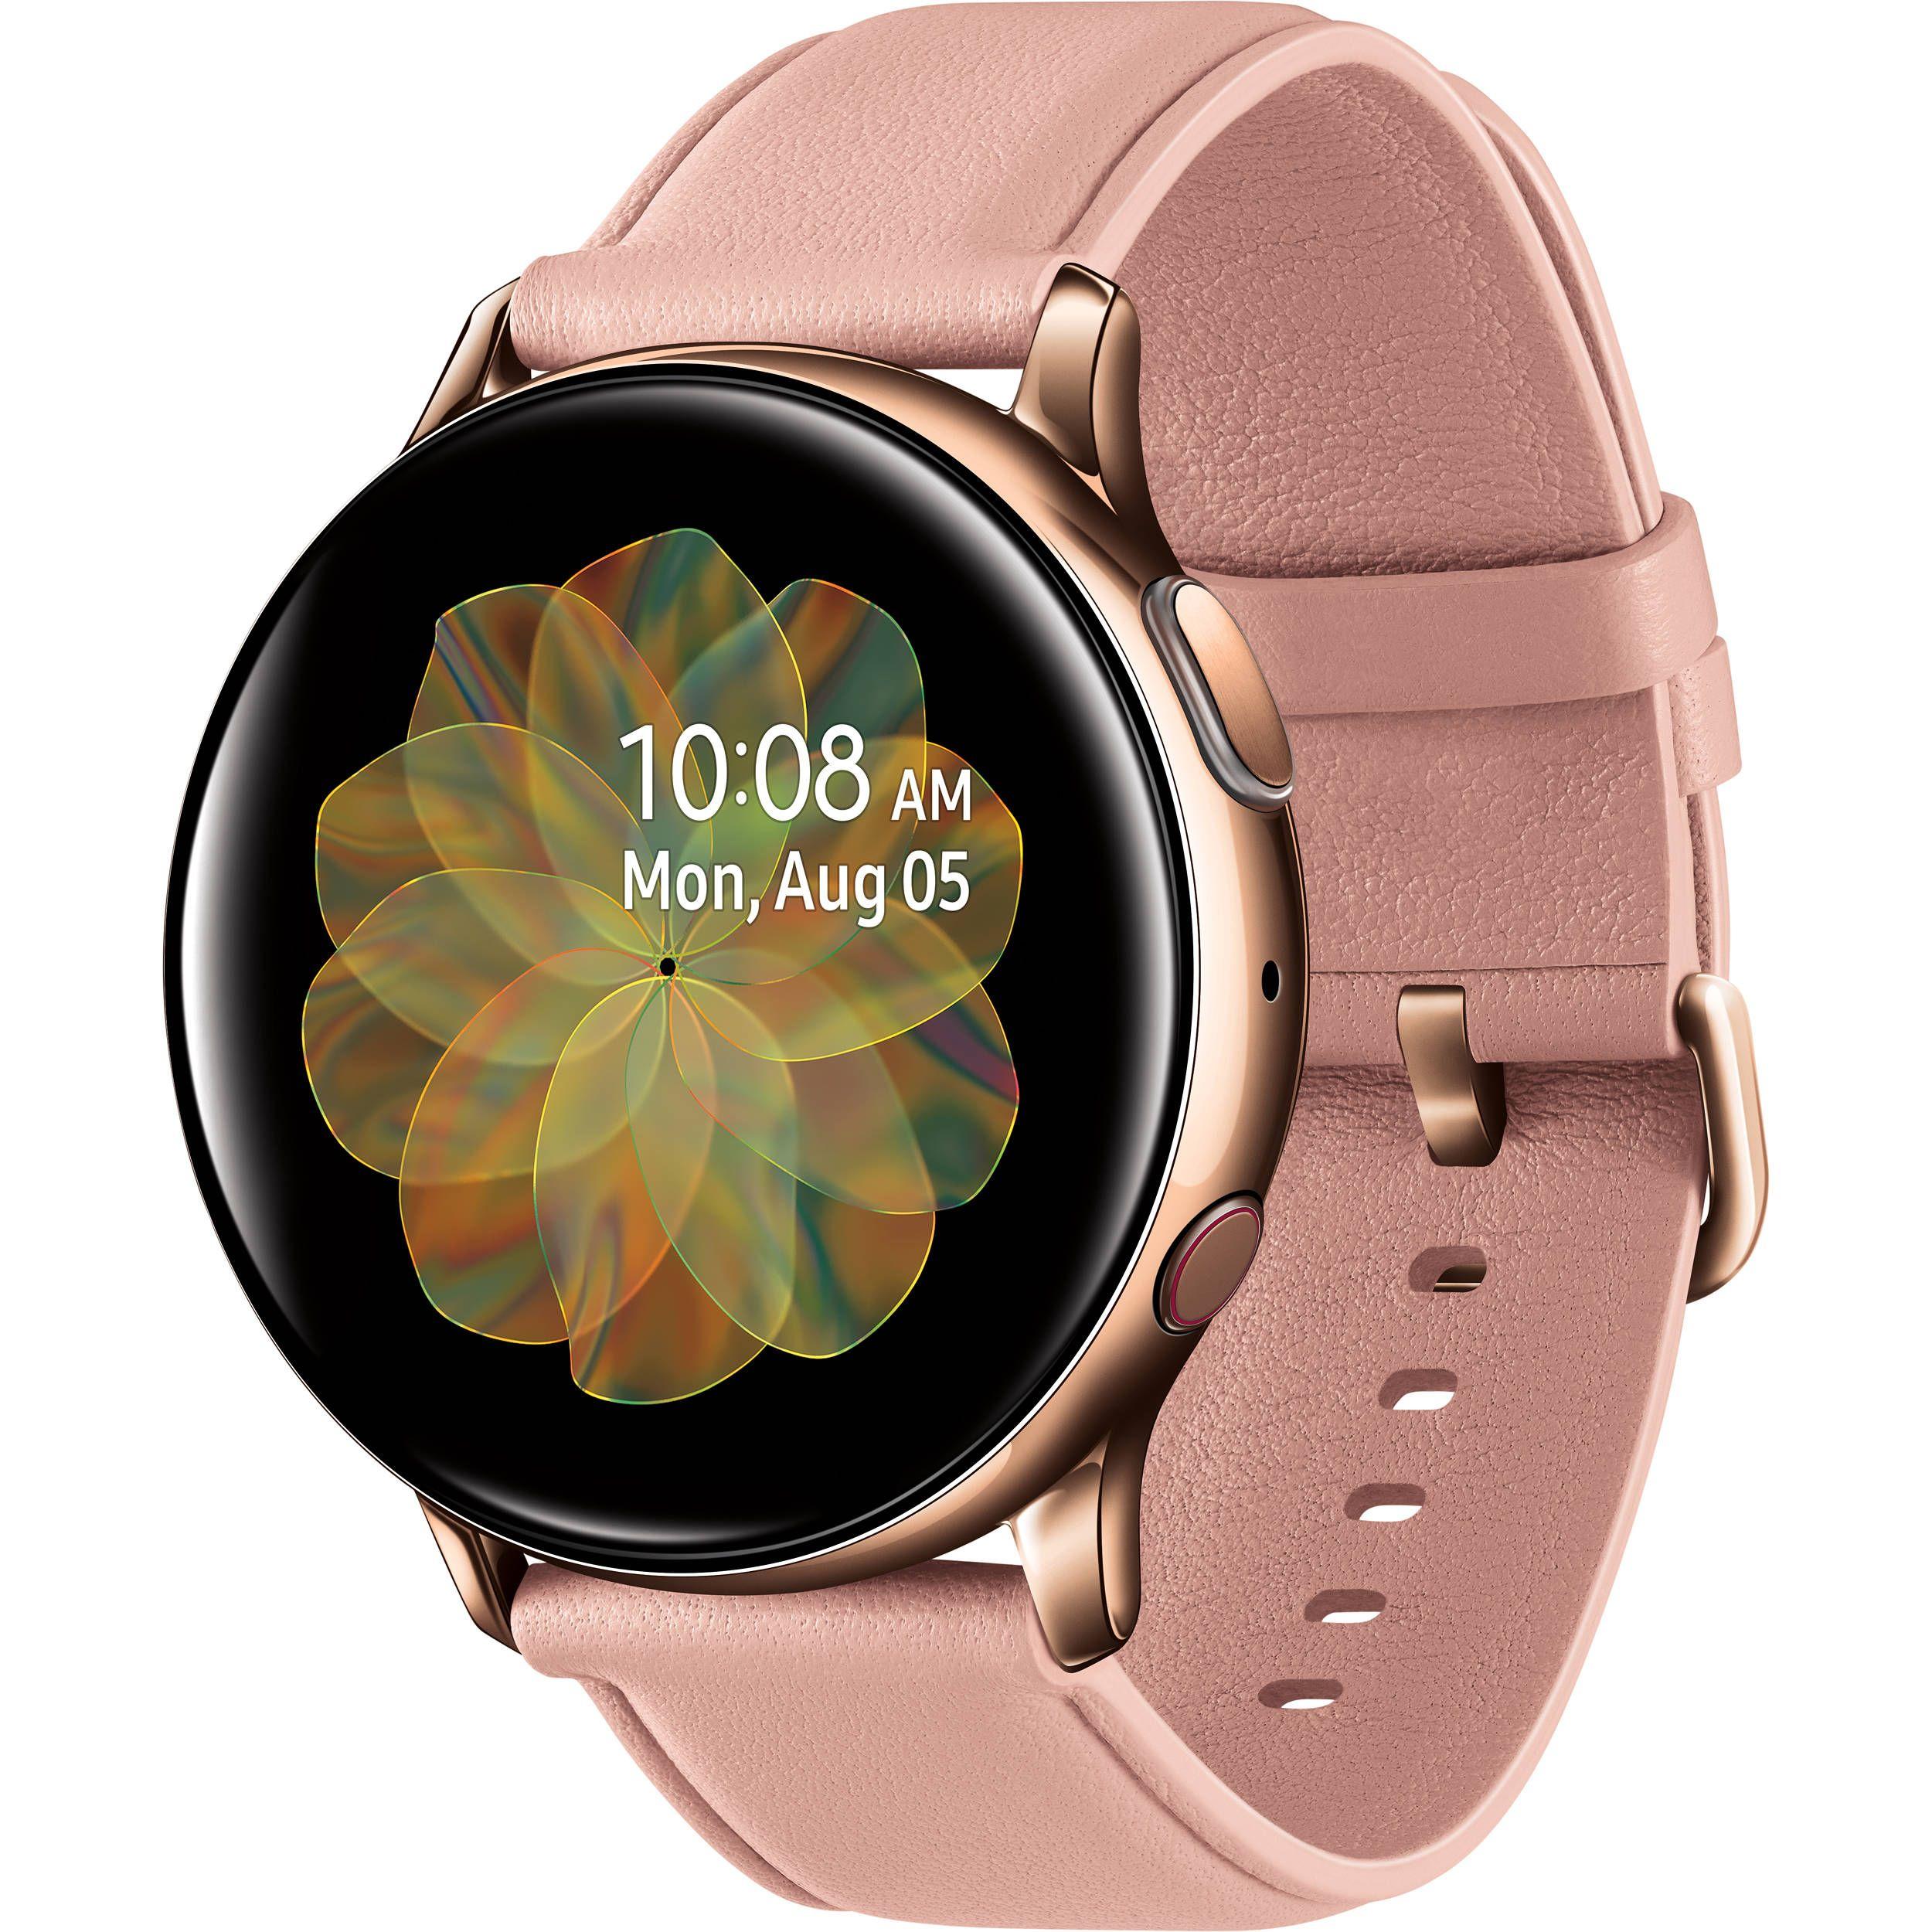 [Clients Red / SFR] Montre connectée Galaxy watch active 2 - 4G - 40mm (Via ODR de 50€ + 100€ de remise sur facture)